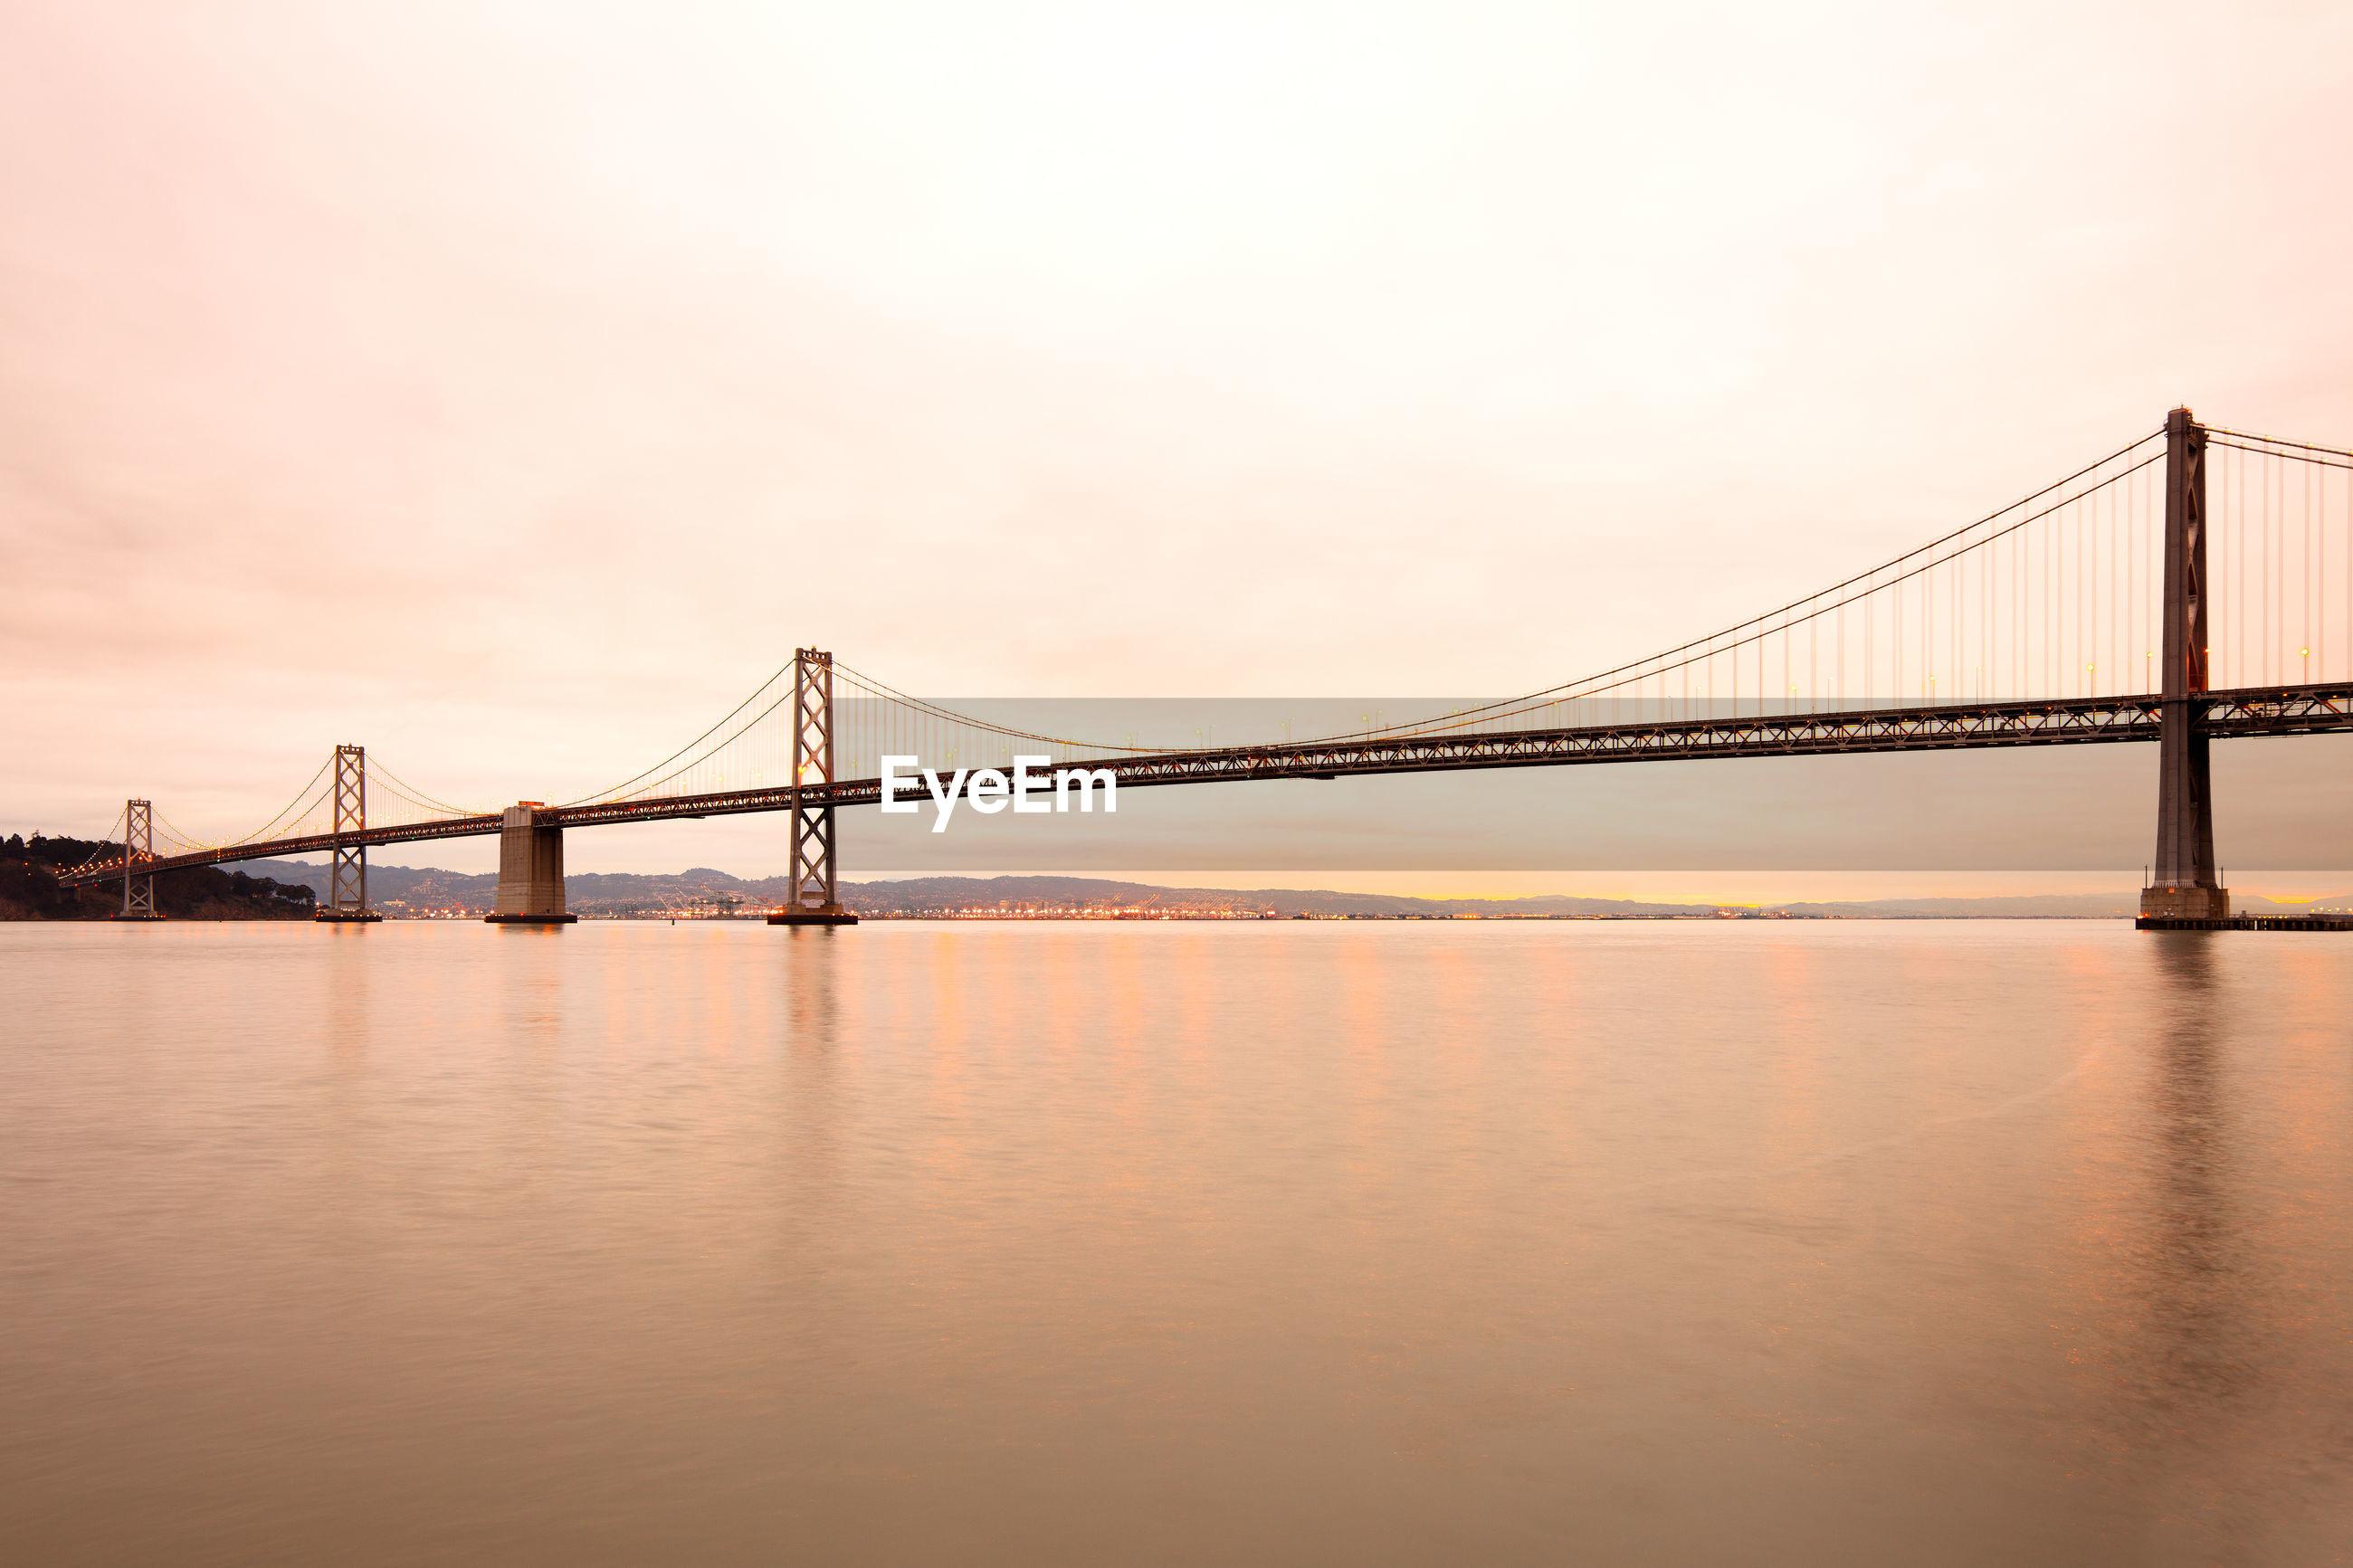 VIEW OF SUSPENSION BRIDGE OVER WATER